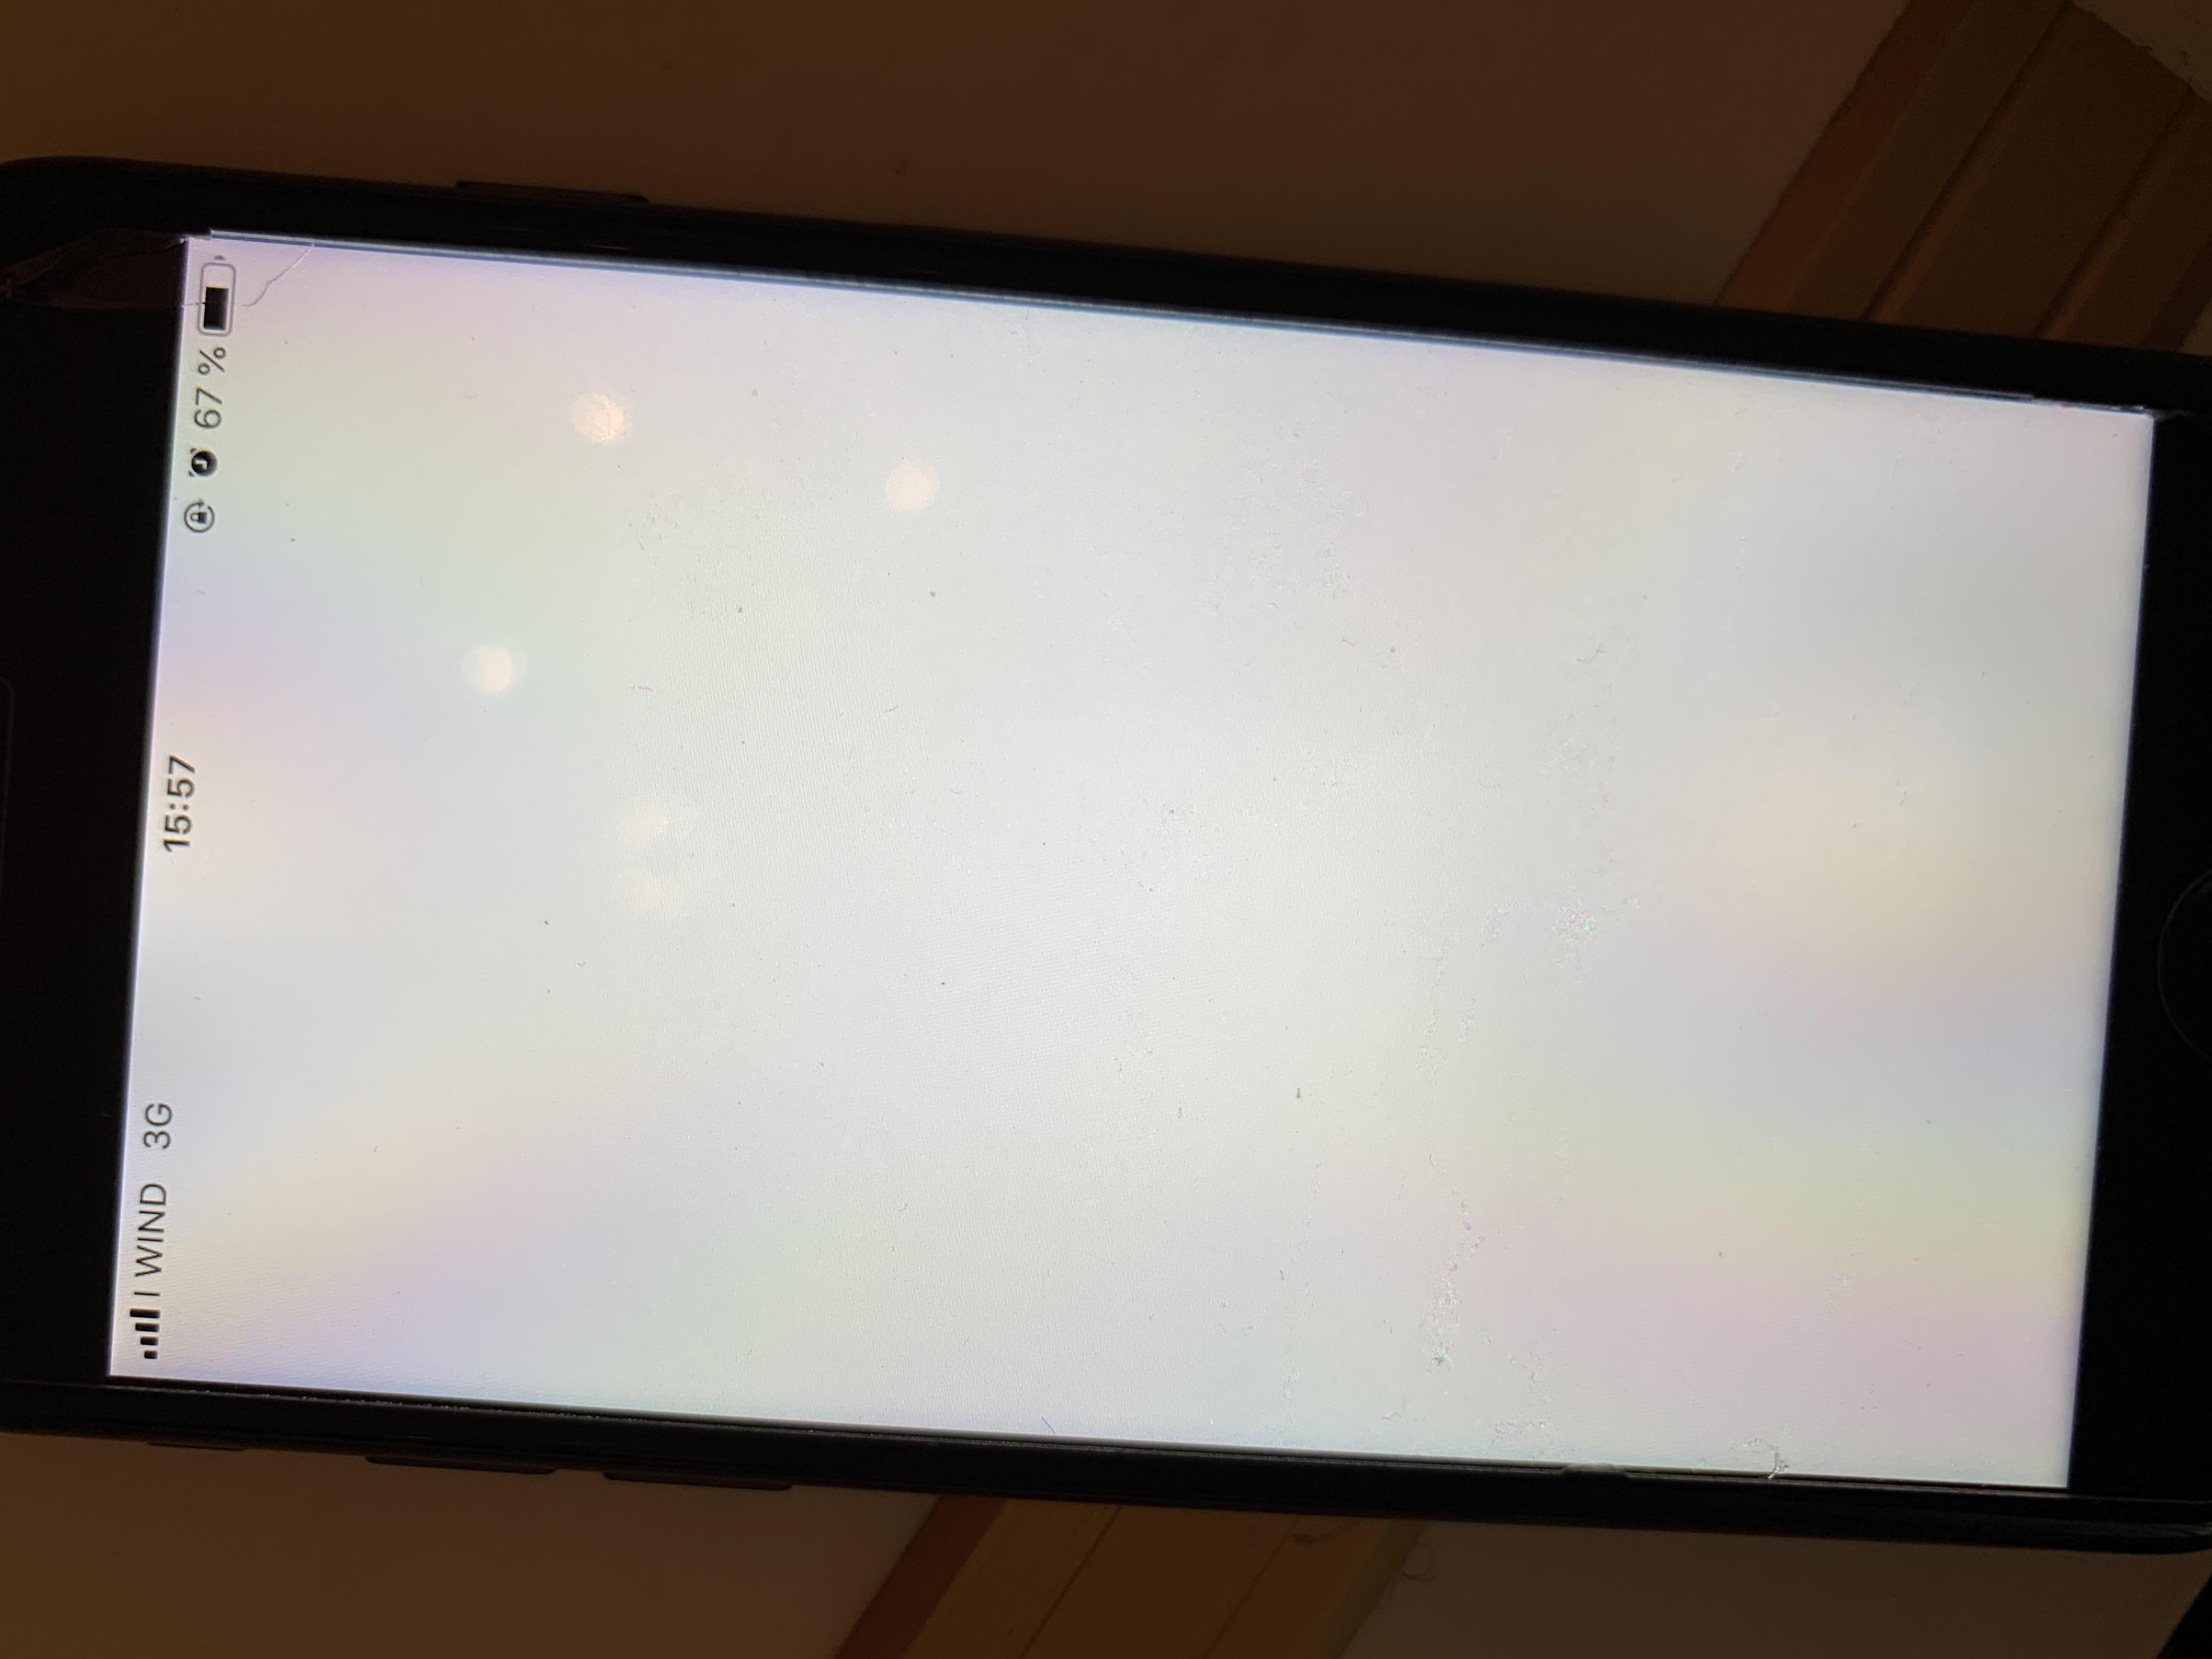 Wie Groß Ist Mein Bildschirm